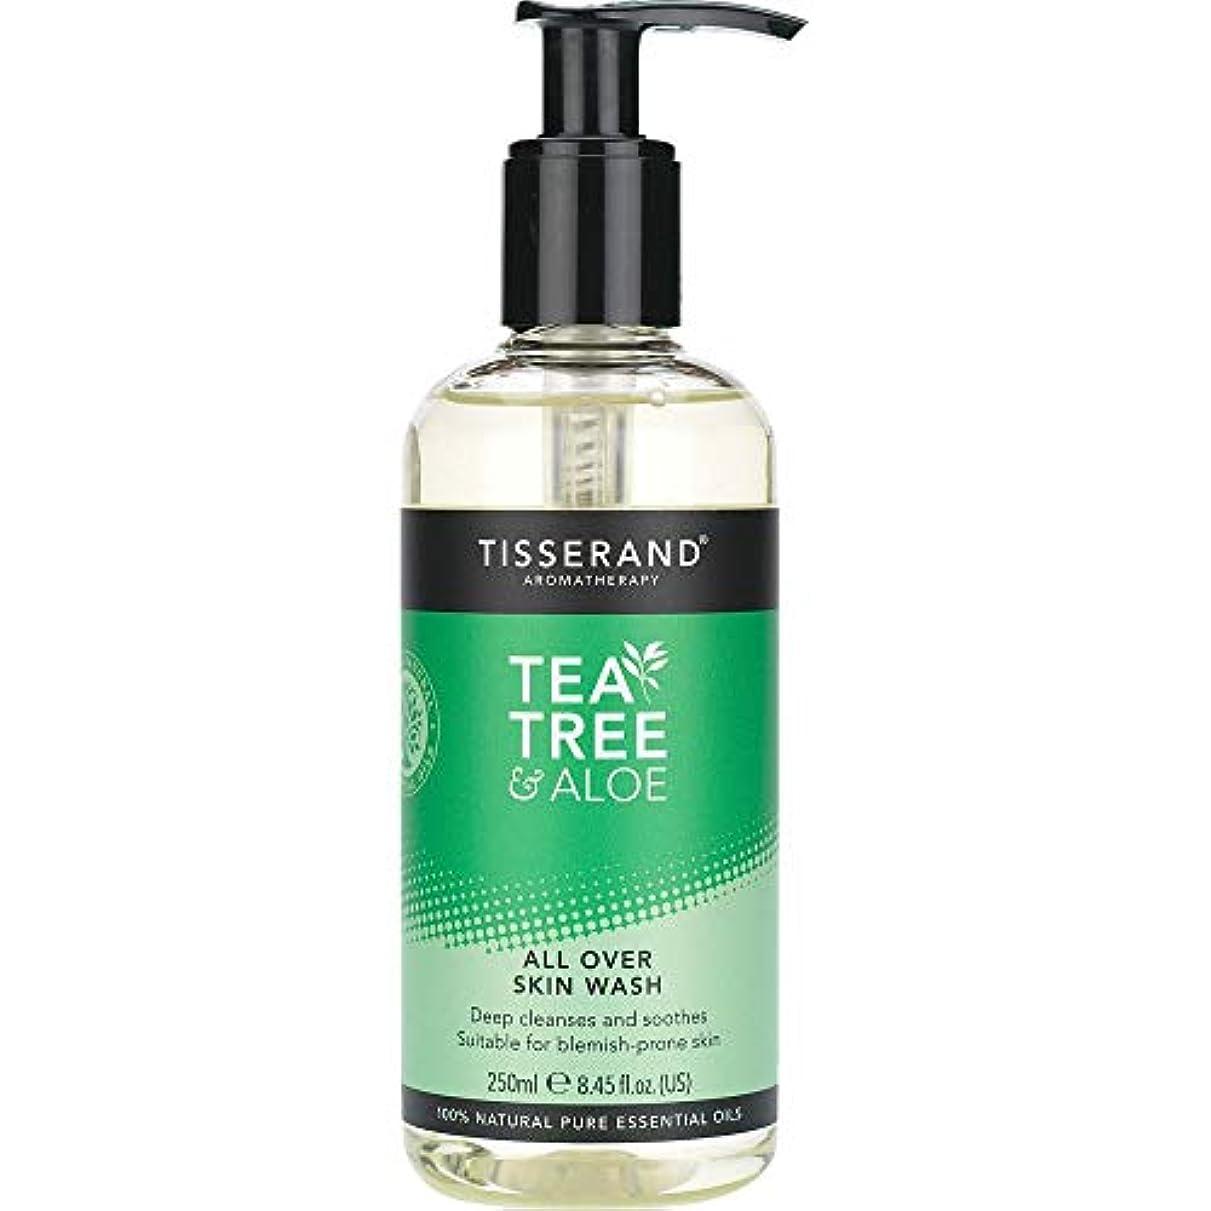 背景治療感じる[Tisserand] すべての肌ウォッシュ250ミリリットルを超えるティスランドティーツリー&アロエ - Tisserand Tea Tree & Aloe All Over Skin Wash 250ml [並行輸入品]